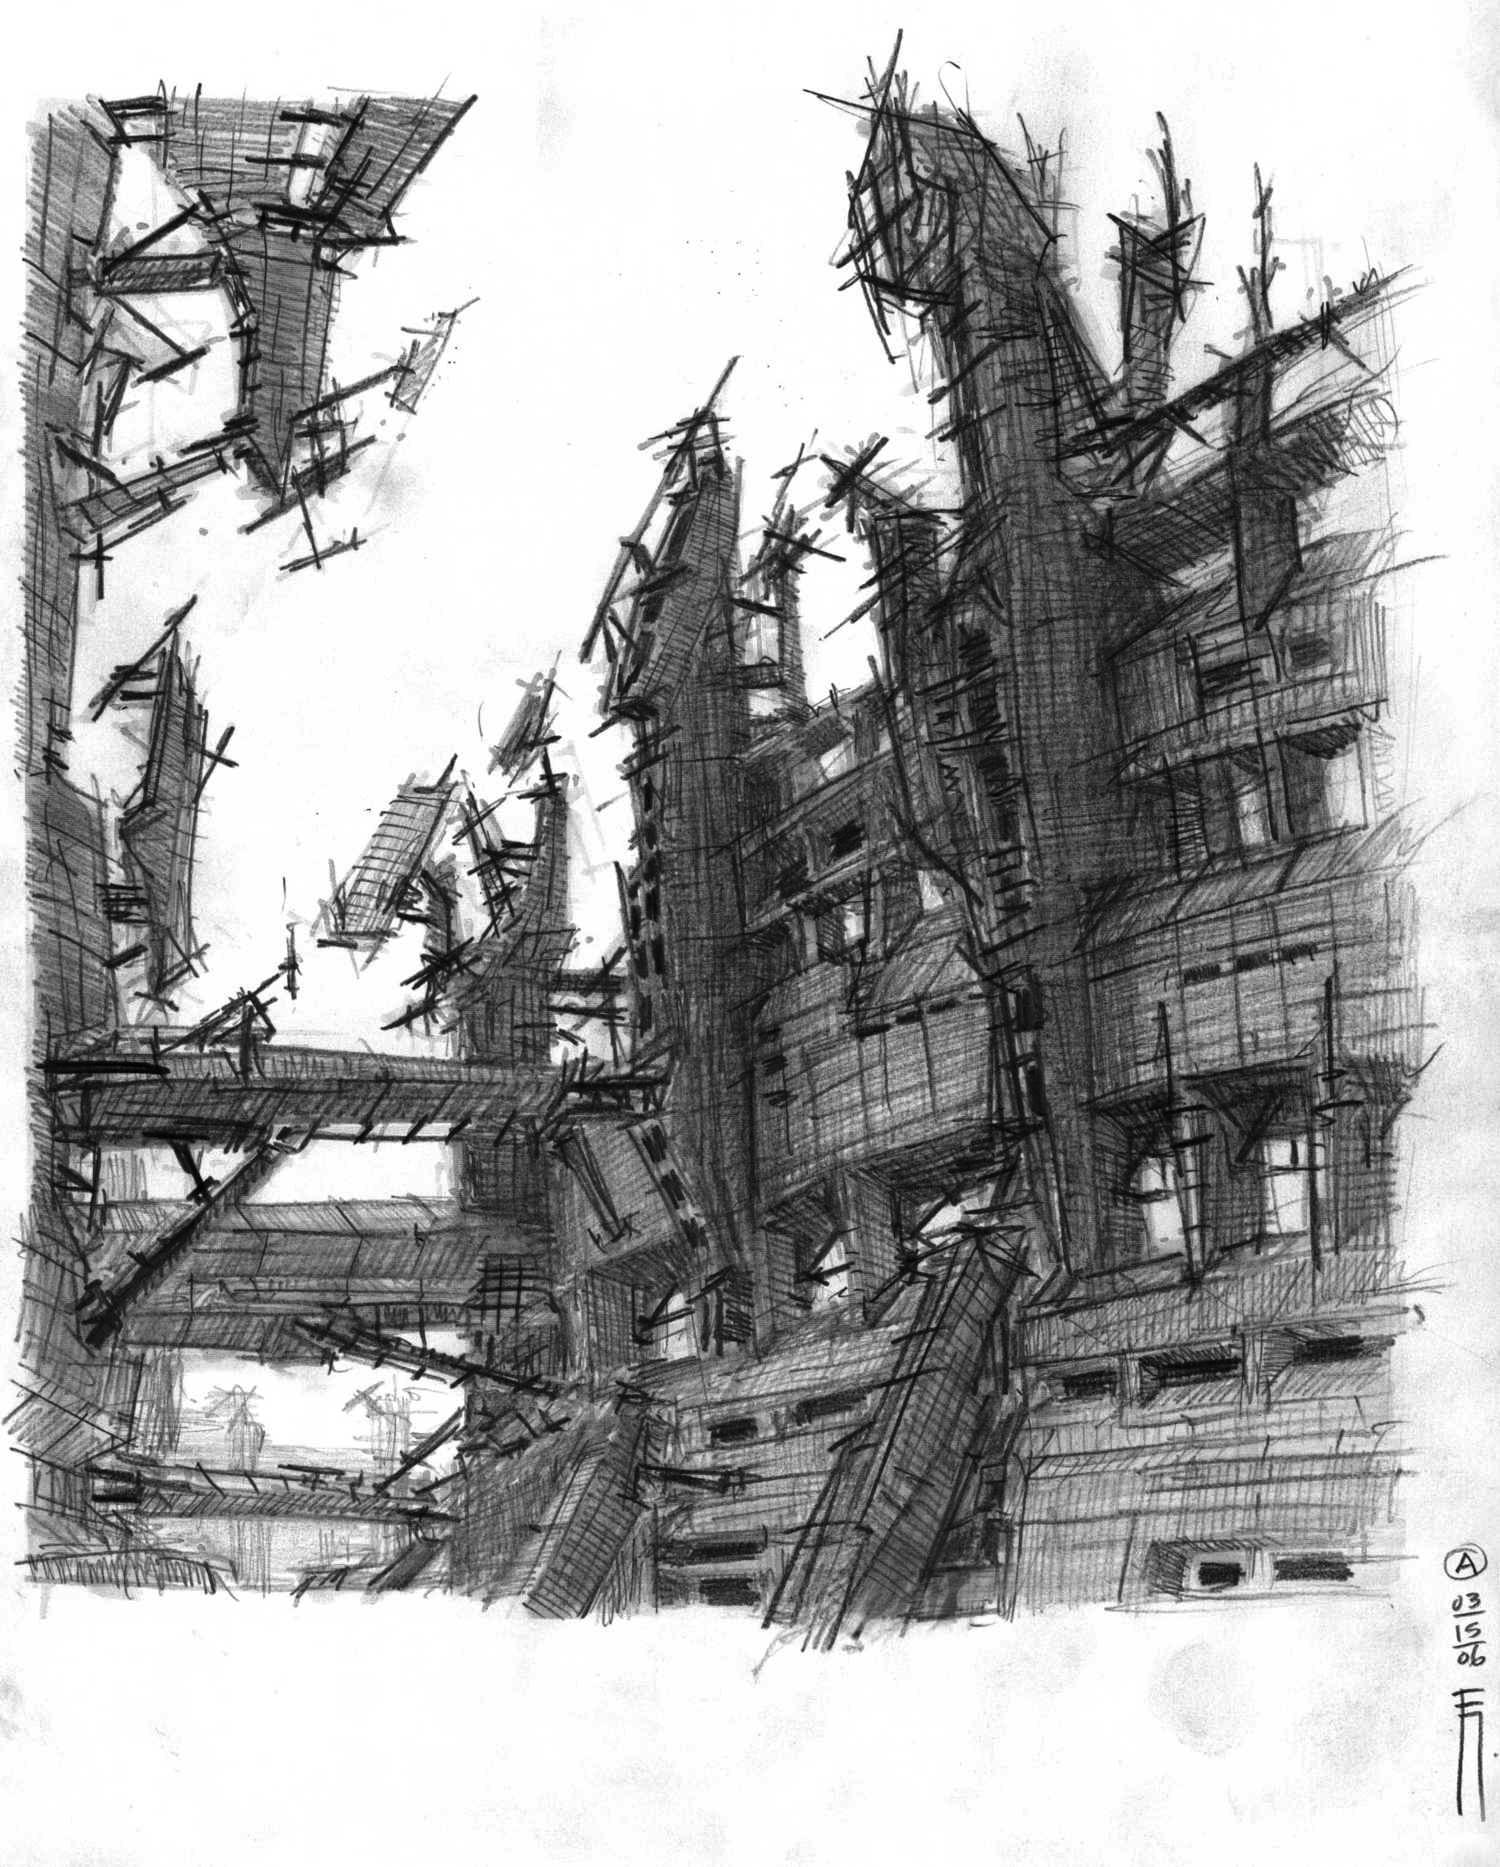 TimF_Sketch_2006-03-14c_mod2.jpg